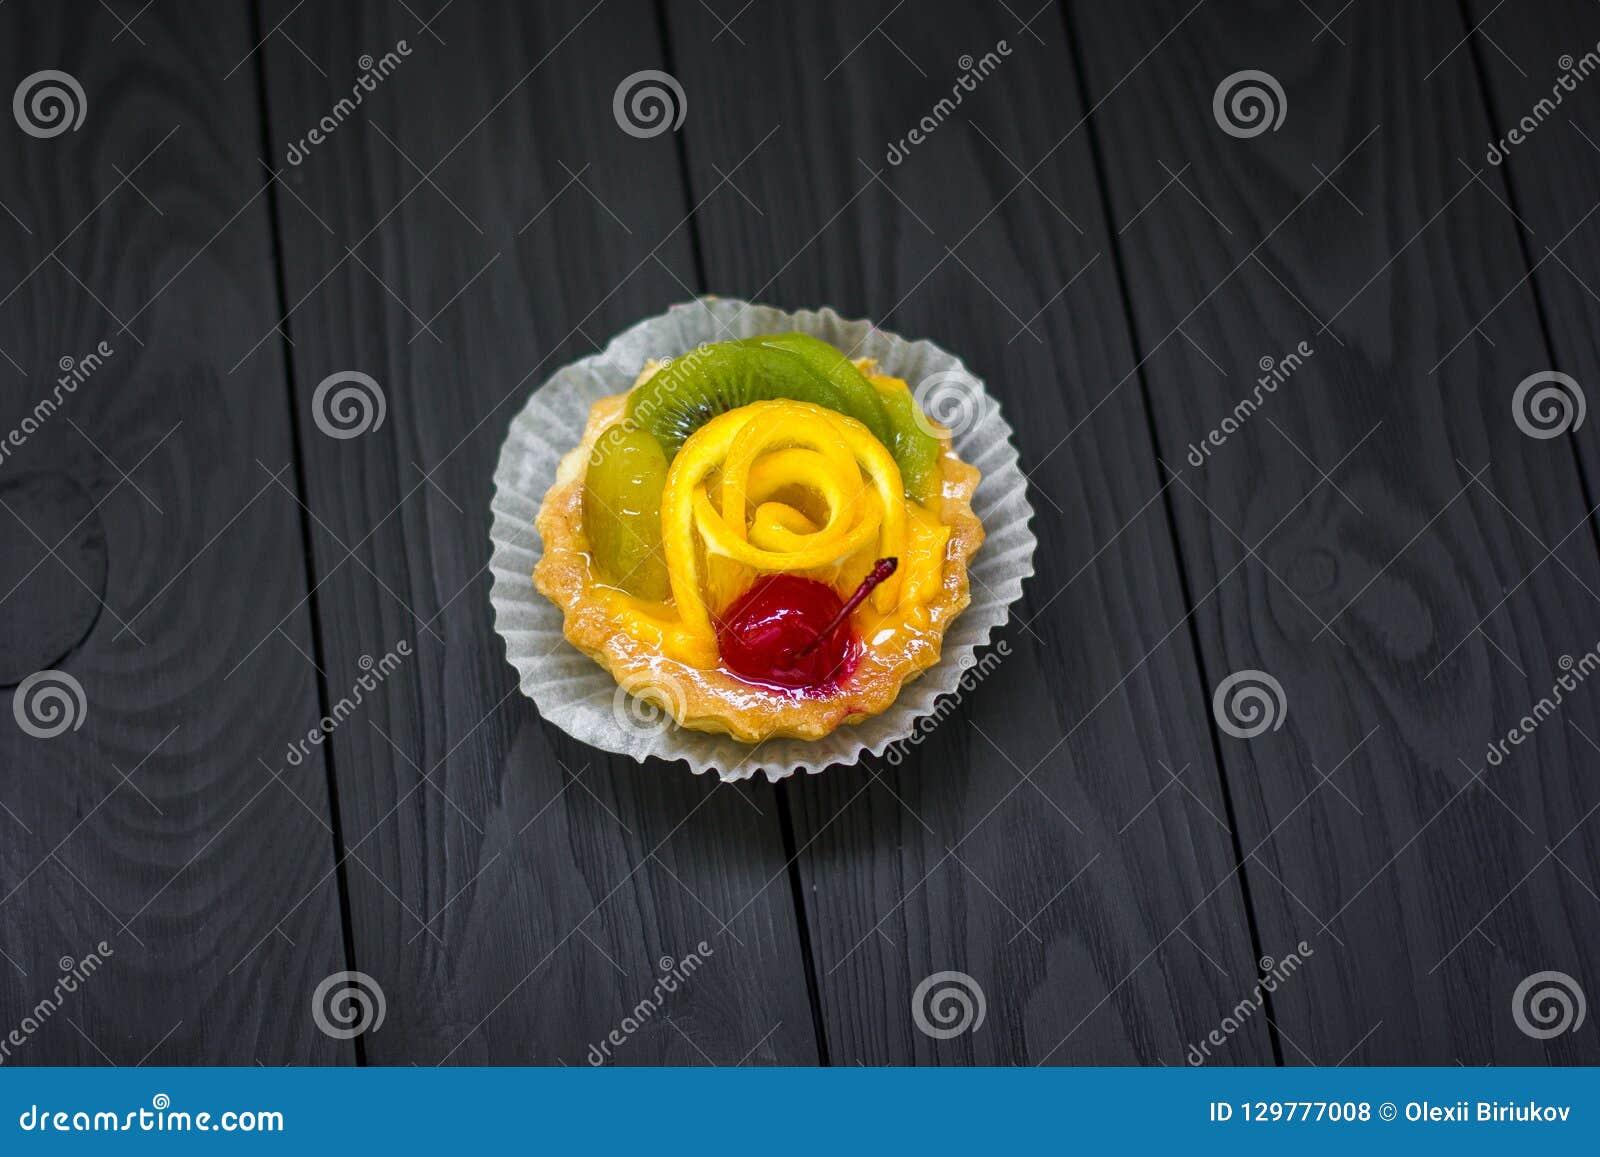 Tartelettes sablées faites maison avec de la crème de crème anglaise, la cerise et le kiwi, raisin Mini gâteau